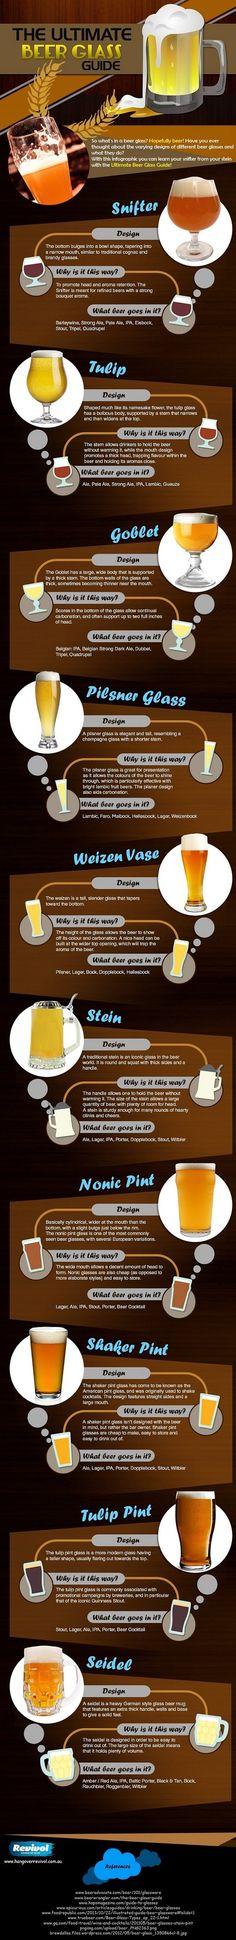 Aunque no tomo cerveza.. aquí los tipos de vasos para cada cerveza